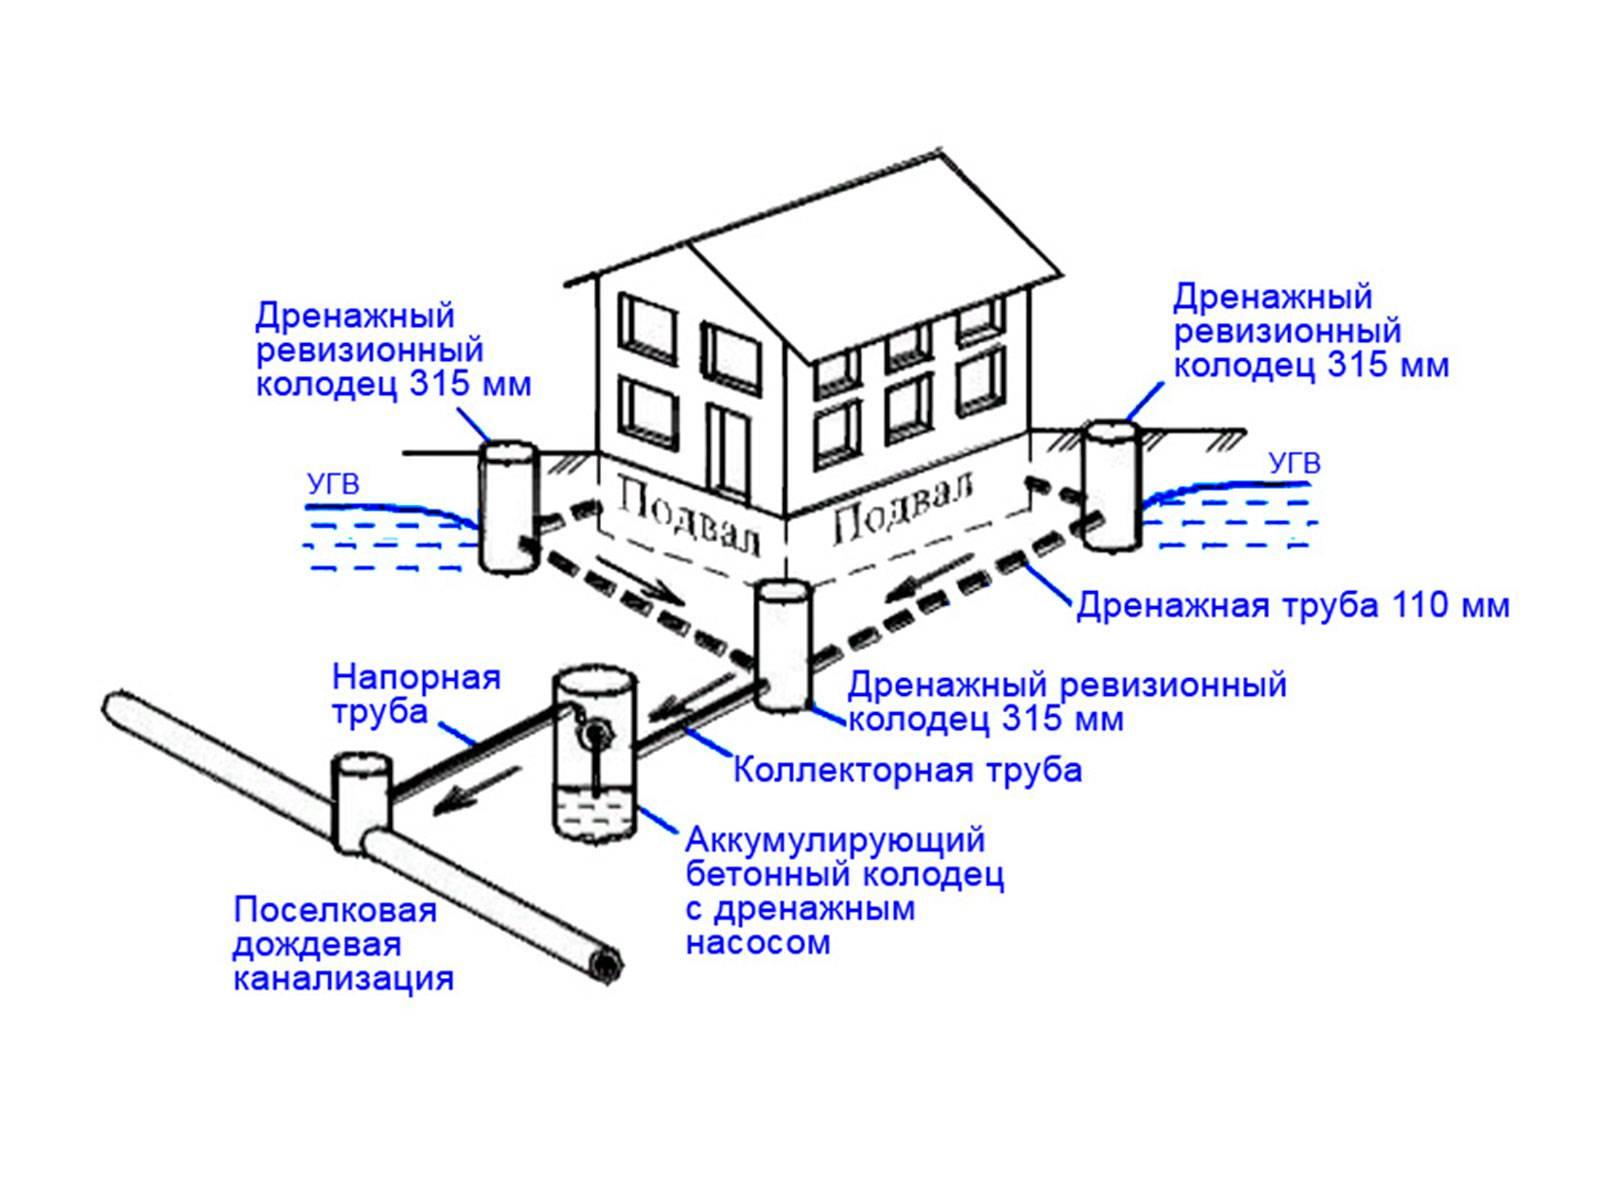 Как сделать дренаж вокруг дома – варианты дренажных систем, правила устройства